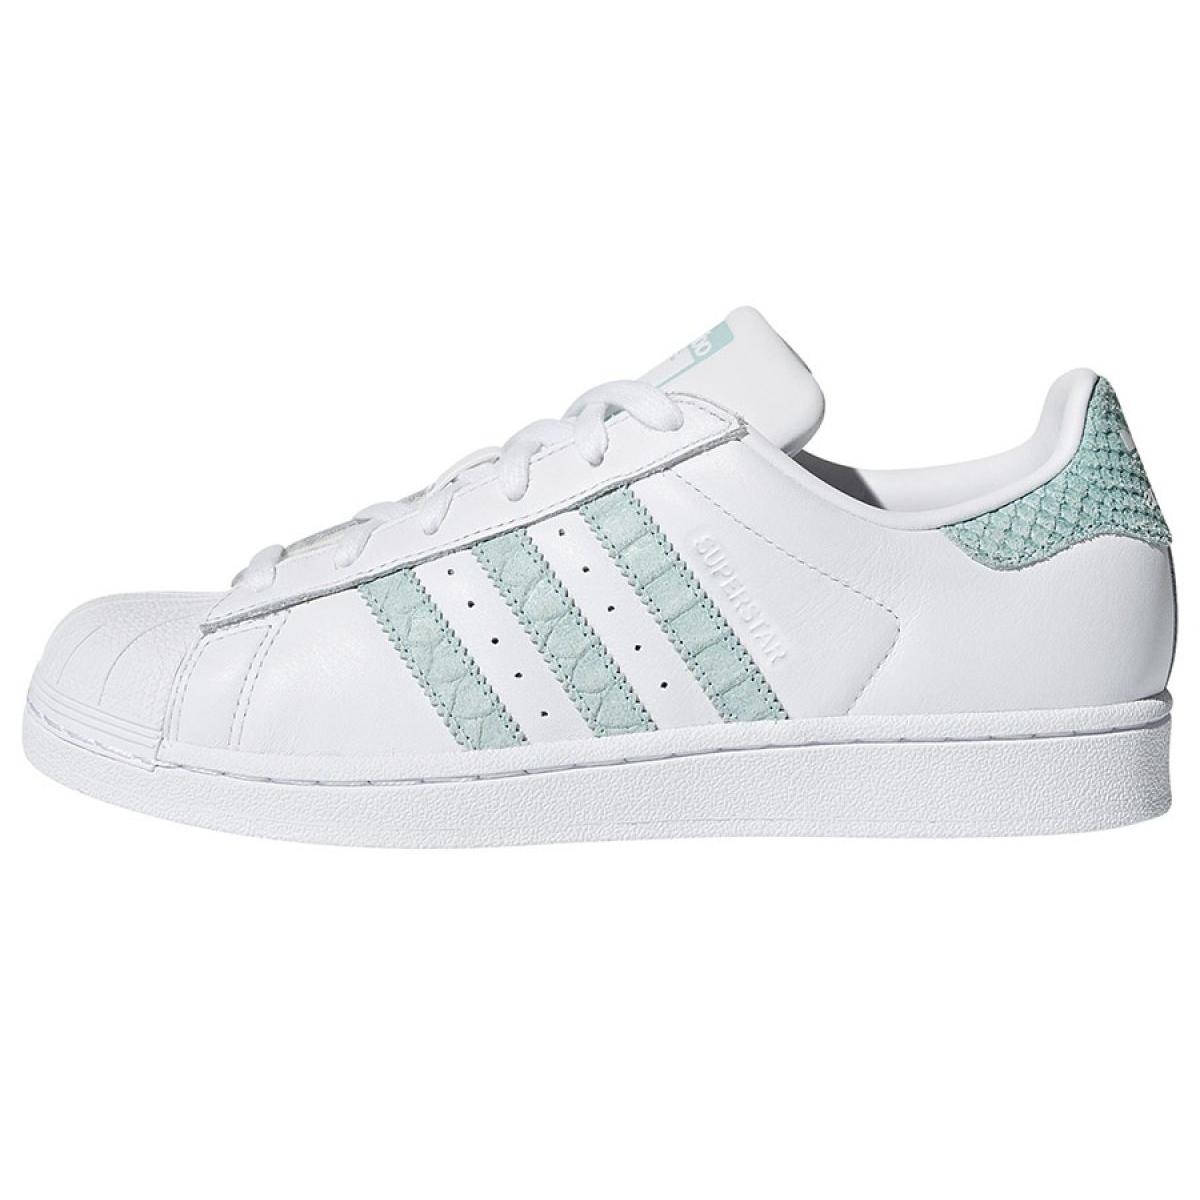 new arrival fd229 ce75d Weiß Adidas Originals Superstar Schuhe in CG5461